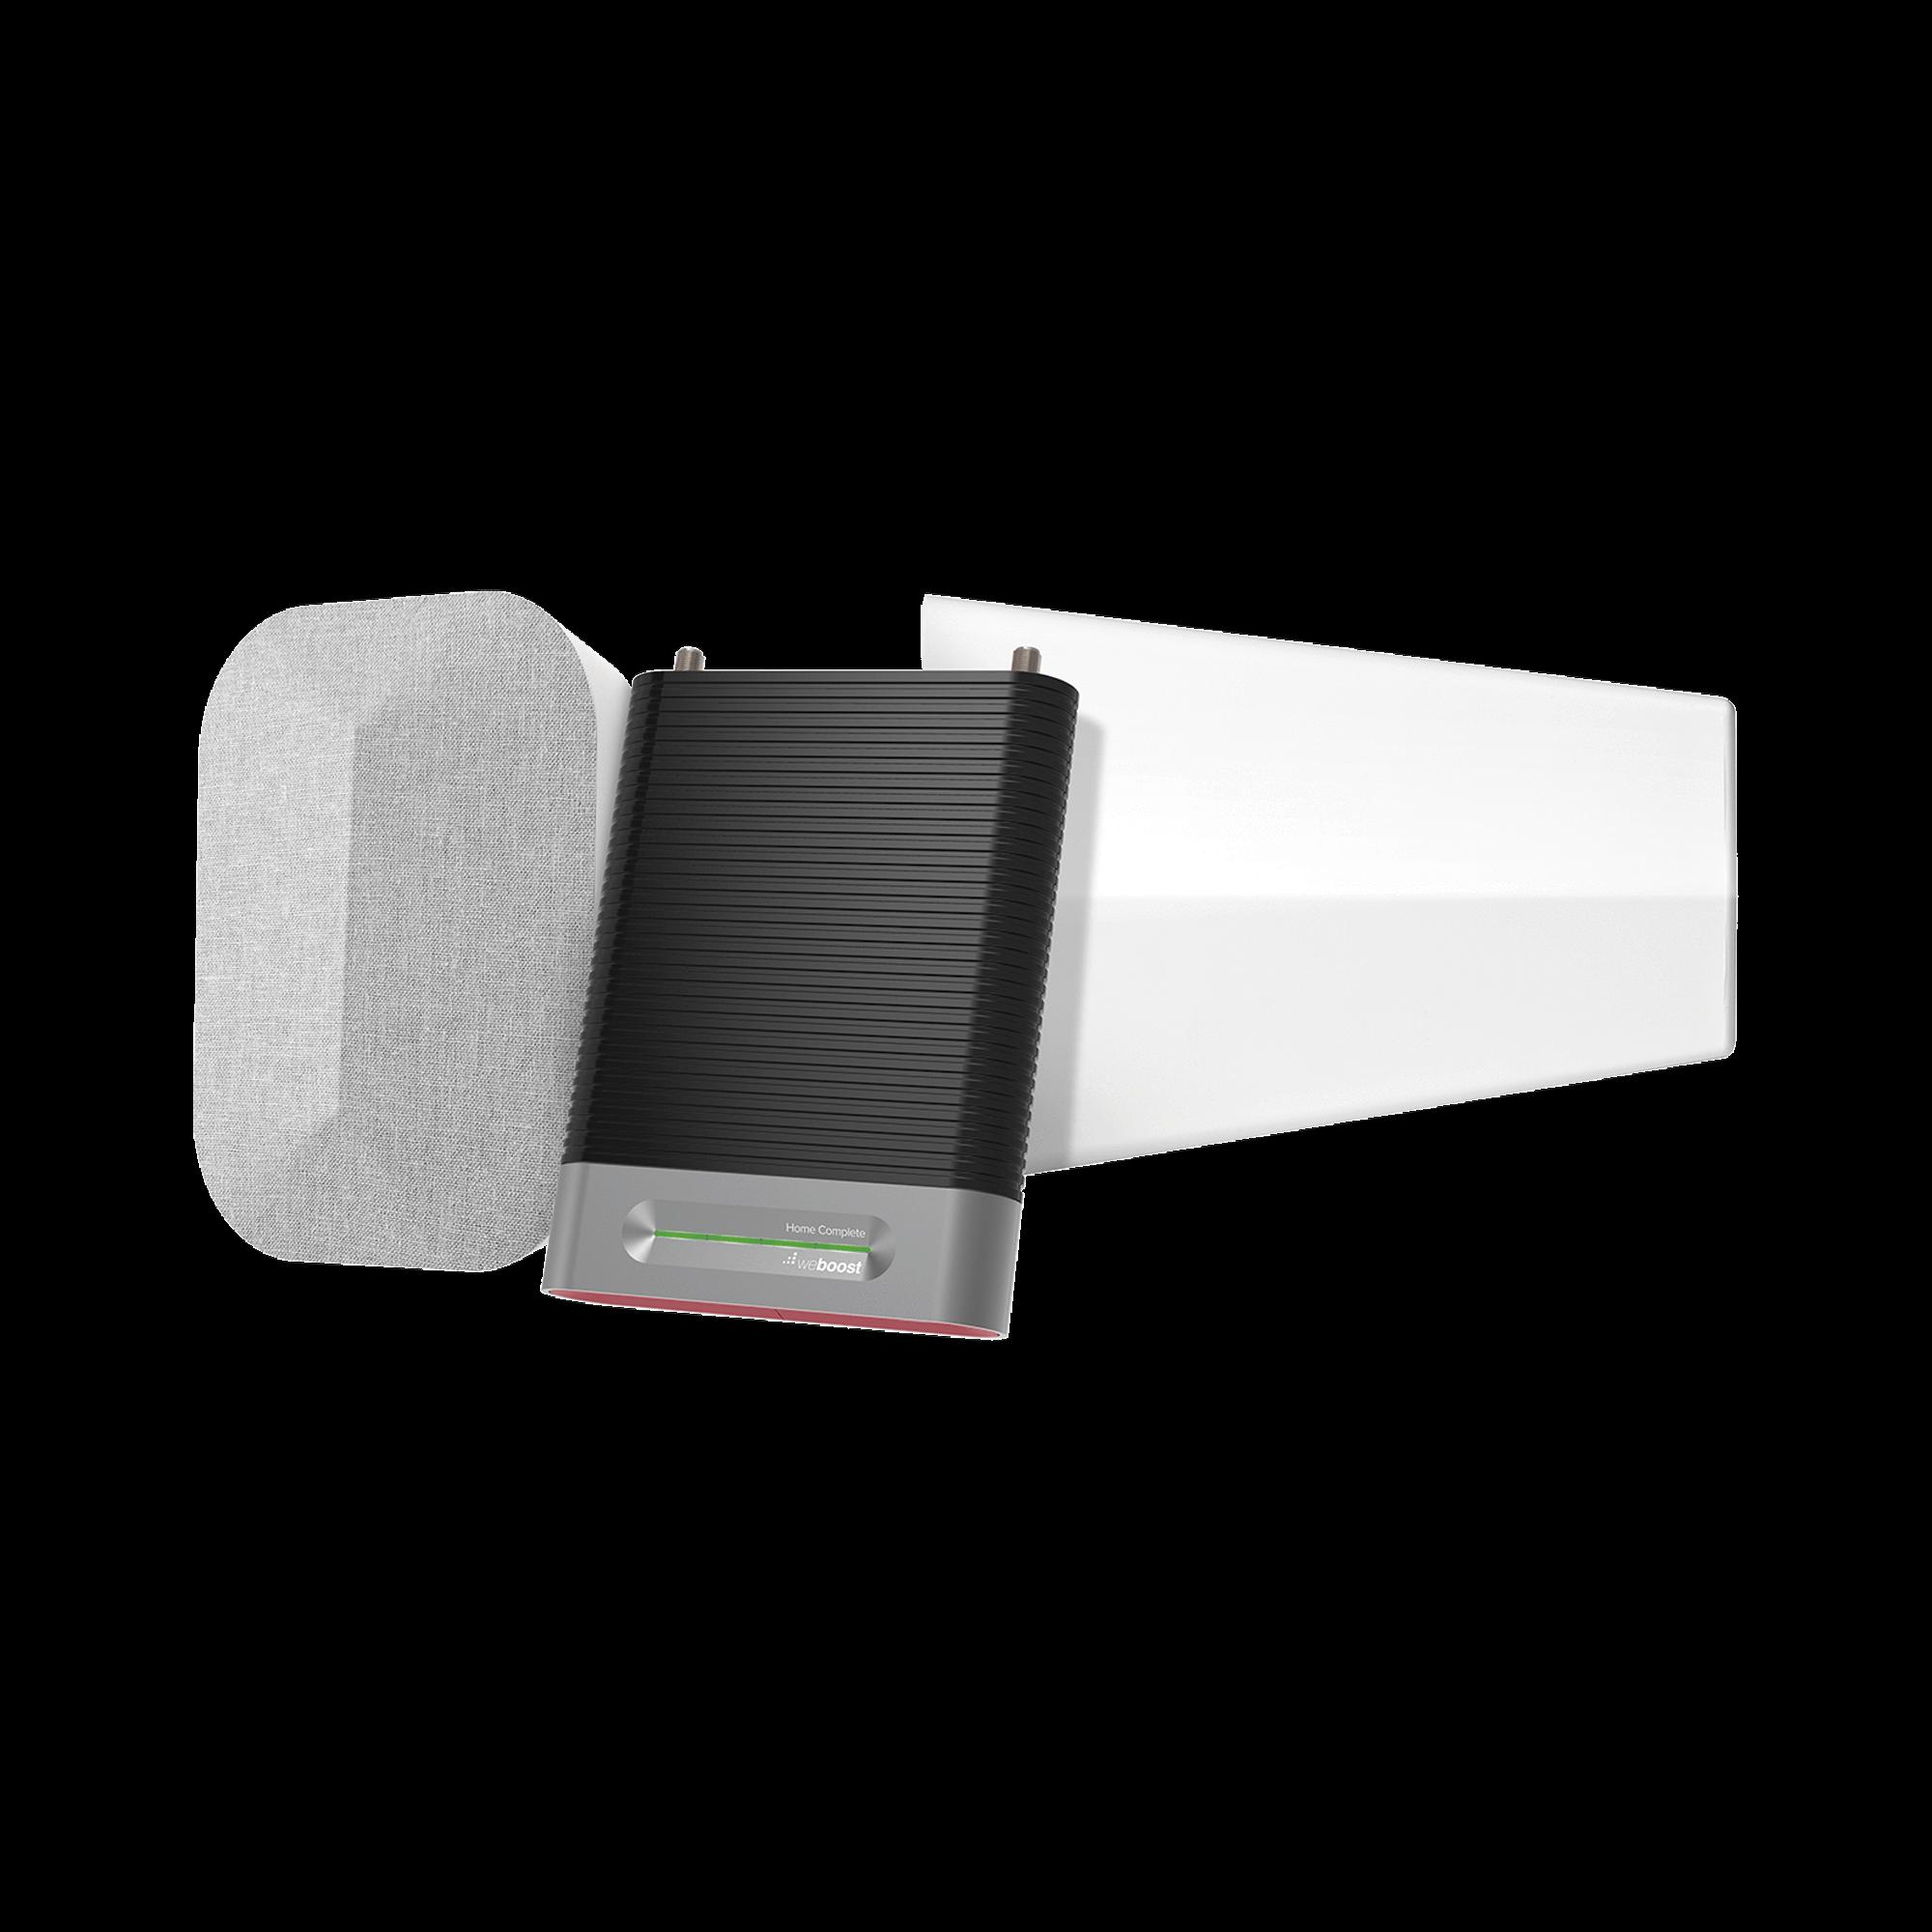 KIT Amplificador de Señal Celular, HOME COMPLETE Reacondicionado para la venta en México (equipo totalmente nuevo, no ha sido reparado) | Mejora la Señal Celular de todos los Operadores | Cubre áreas de hasta 2780 metros cuadra